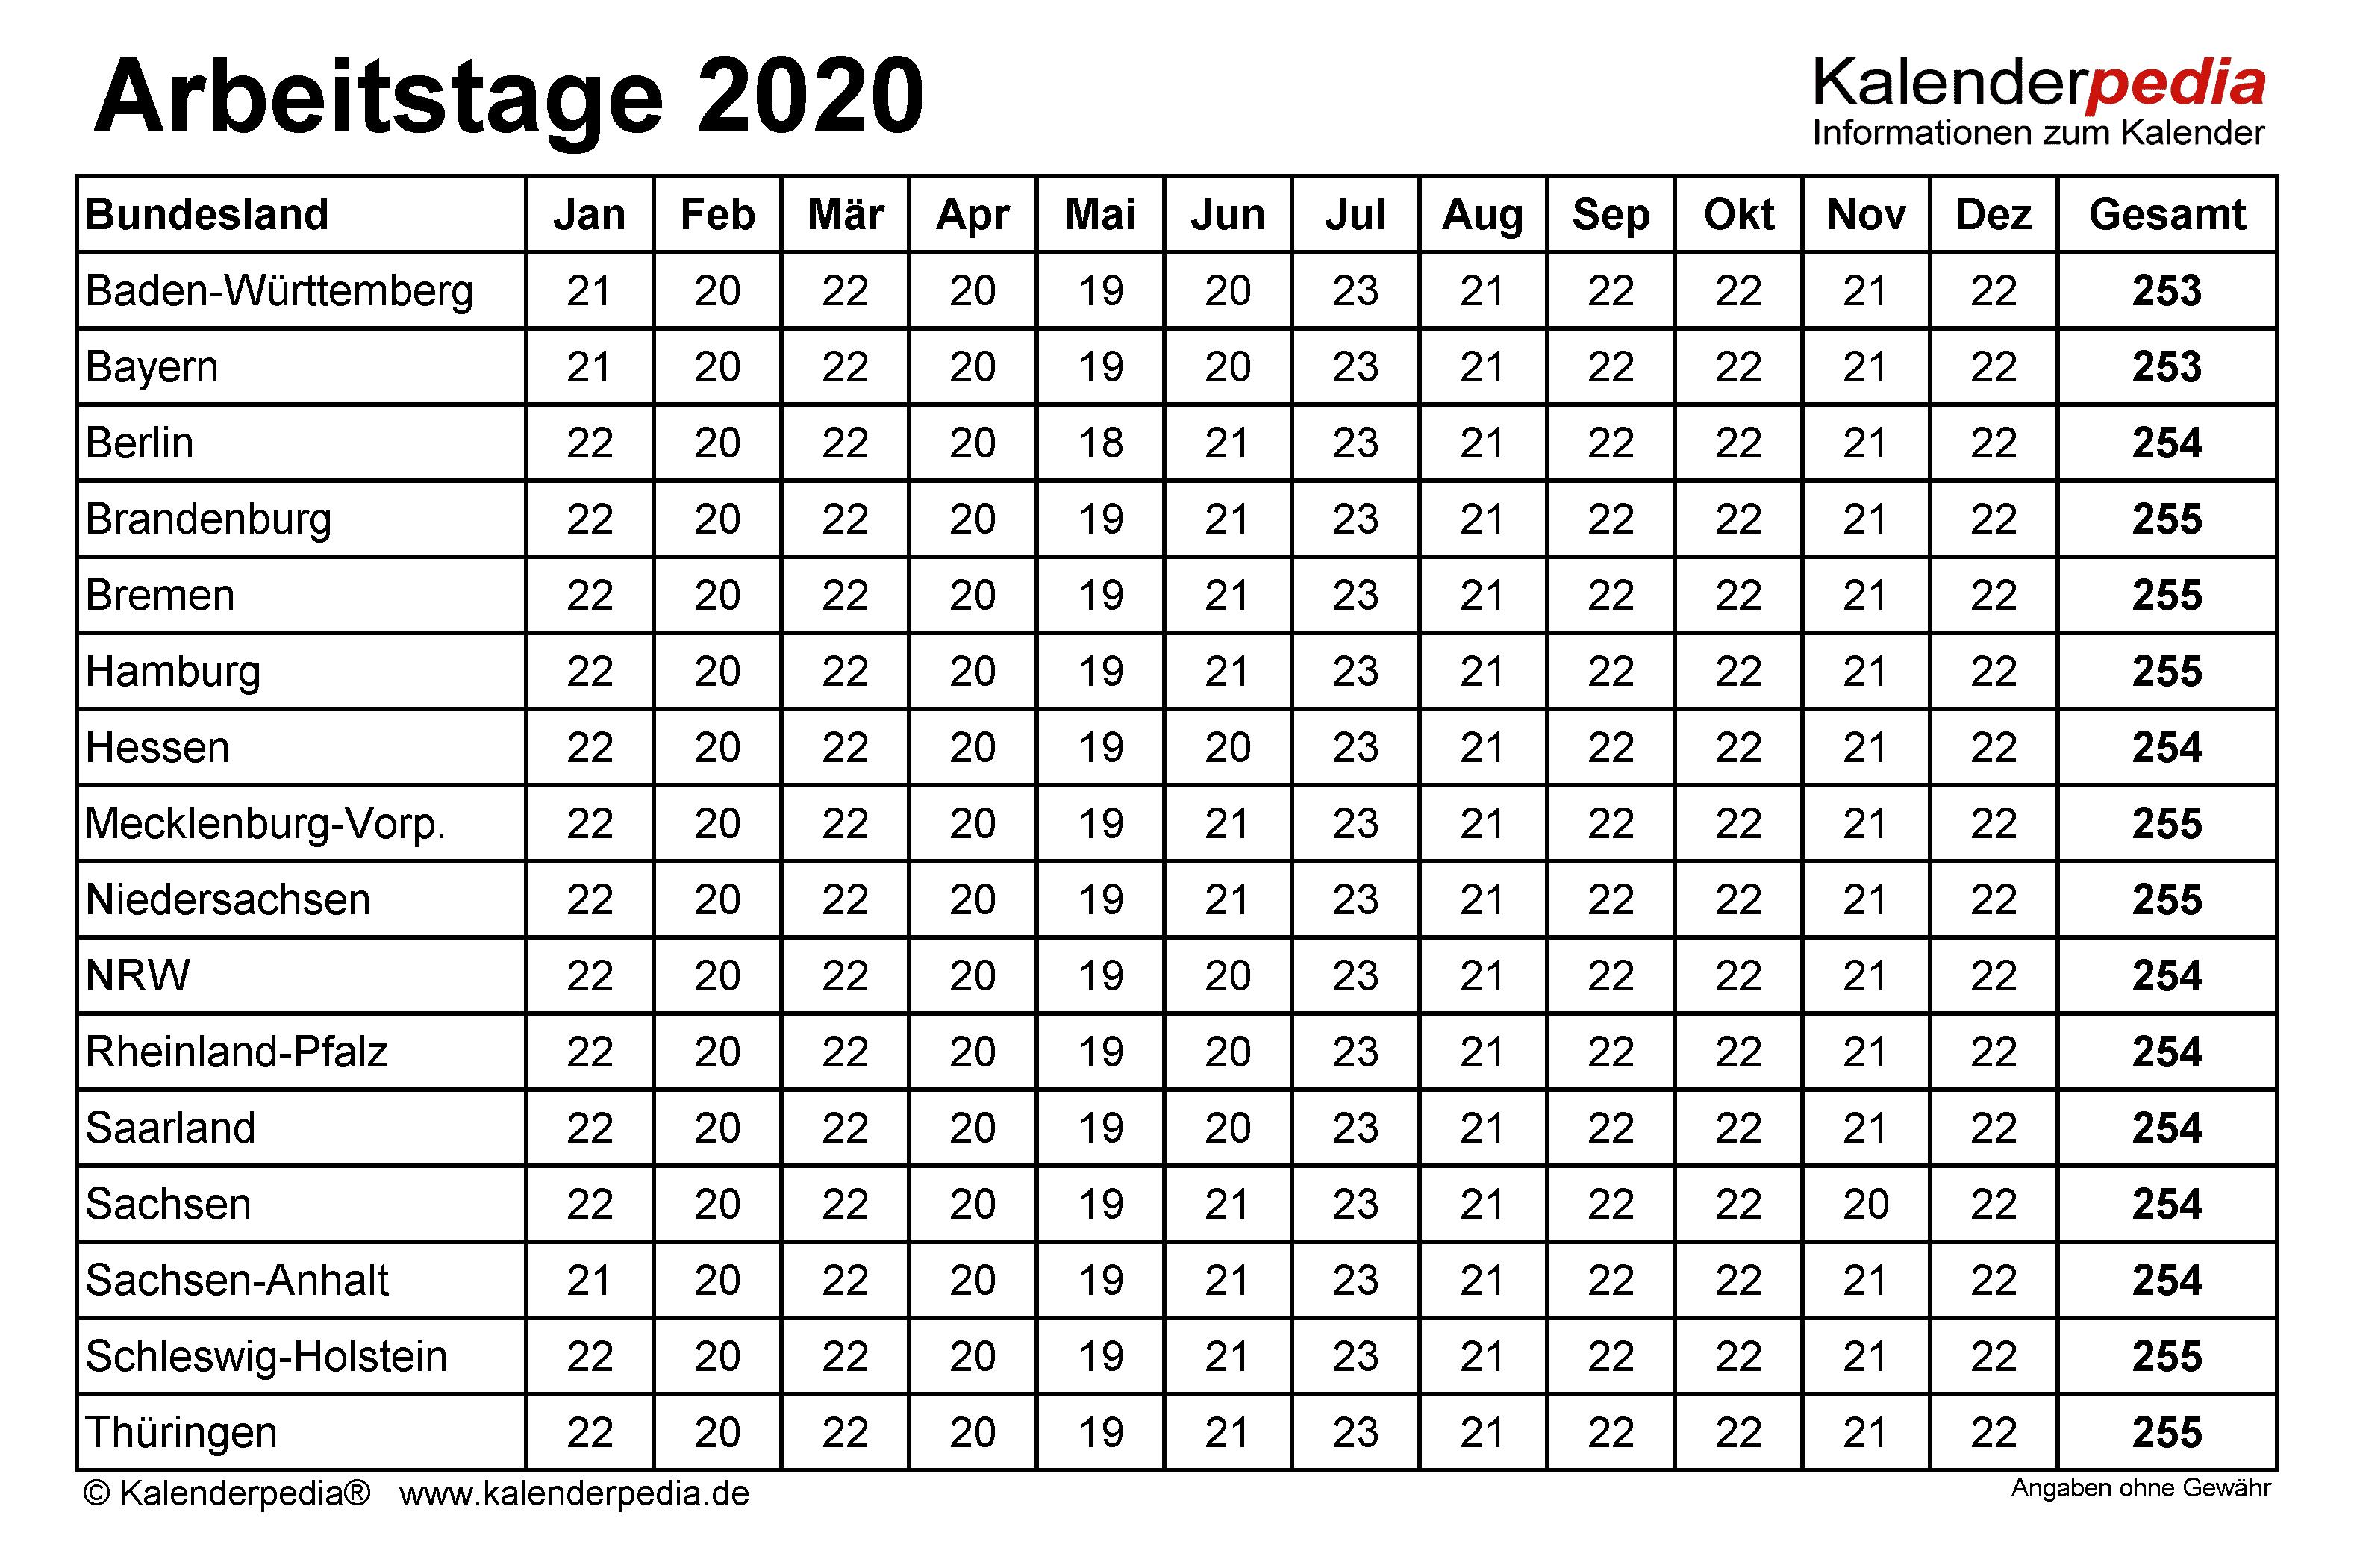 Anzahl Arbeitstage 2020 In Deutschland Nach Bundesland Monat